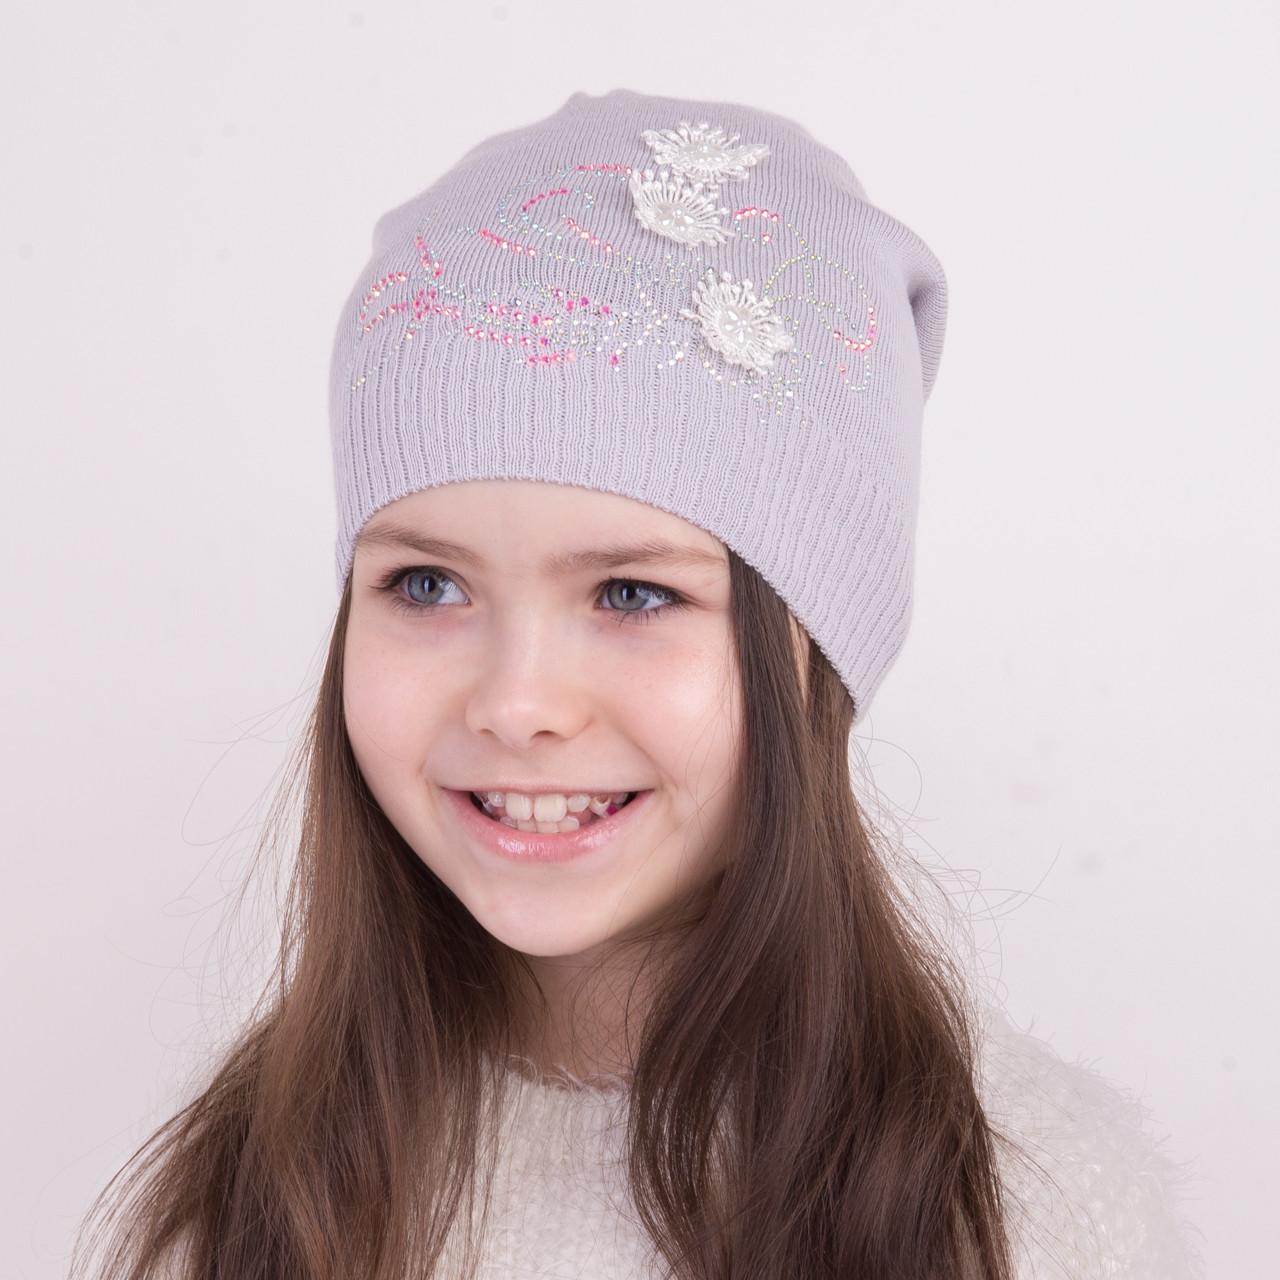 Стильная вязаная шапка для девочки на весну - Артикул 0963